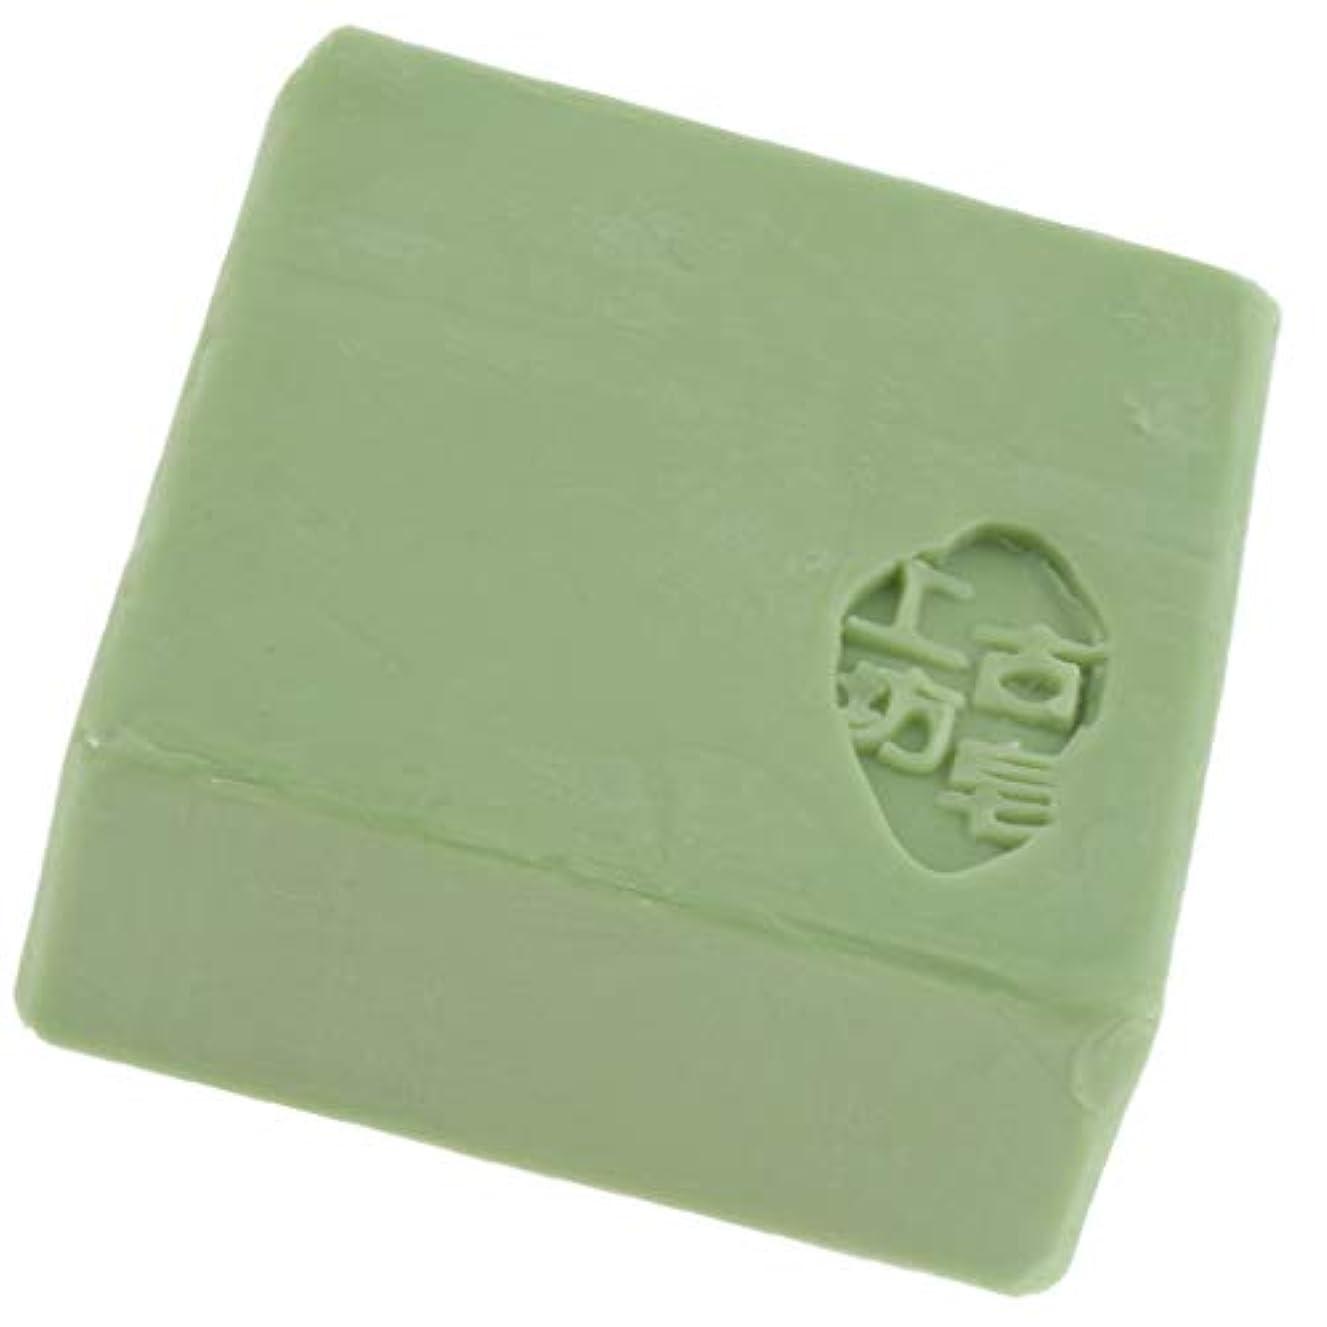 課す故障中する必要があるバス スキンケア フェイス ボディソープ 石鹸 保湿 好意 全3色 - 緑